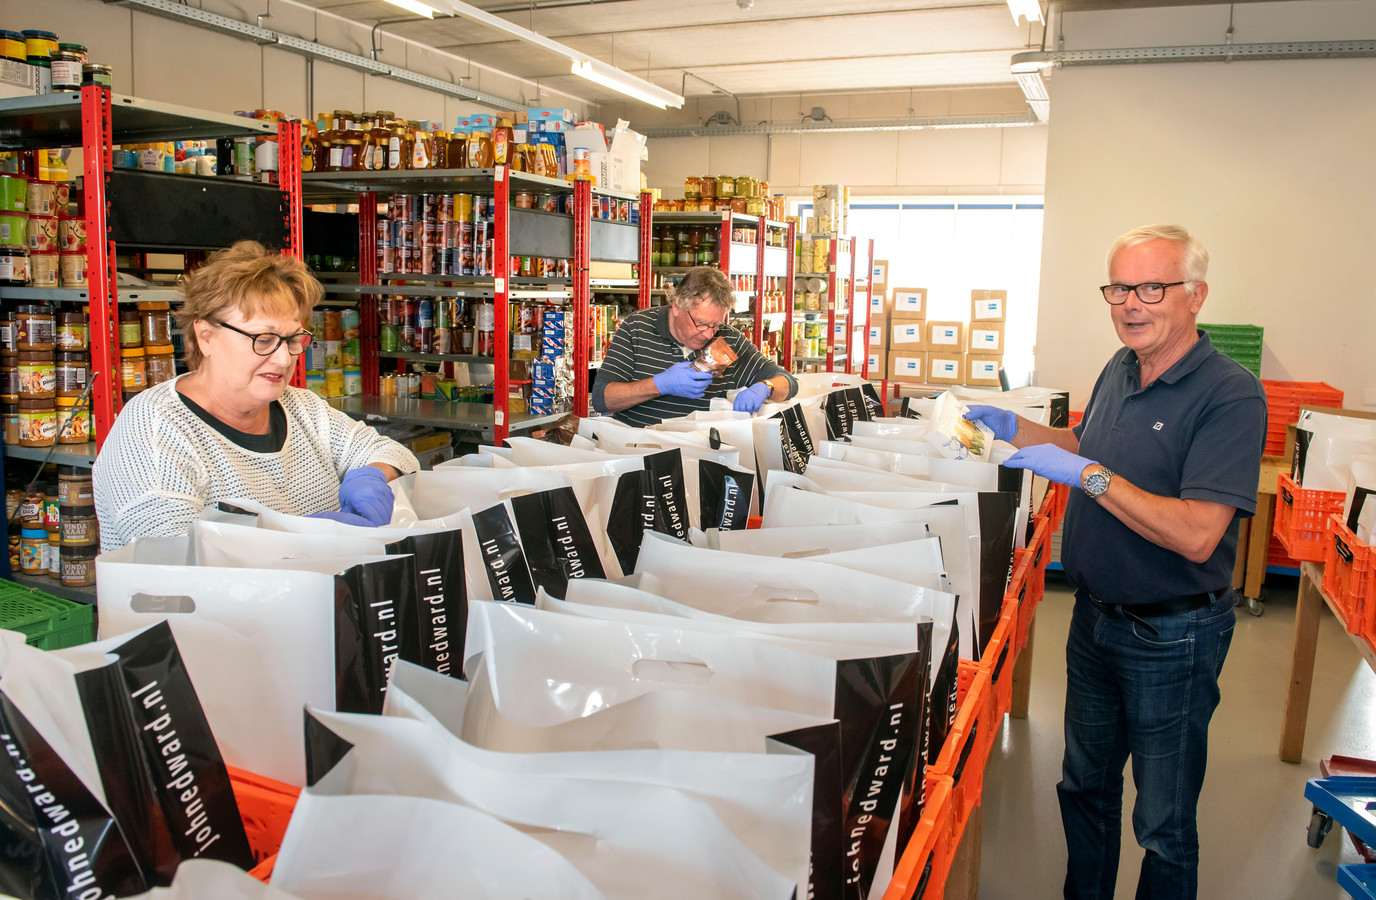 Elke week moeten er meer tassen worden gevuld voor mensen die zich melden bij voedselbank. Coördinator Antoinette Walenberg en bestuursvoorzitter Coen van Woerkom (r) hopen dat de gemeenten meebetalen om de verhuizing naar een groter pand mogelijk te maken.